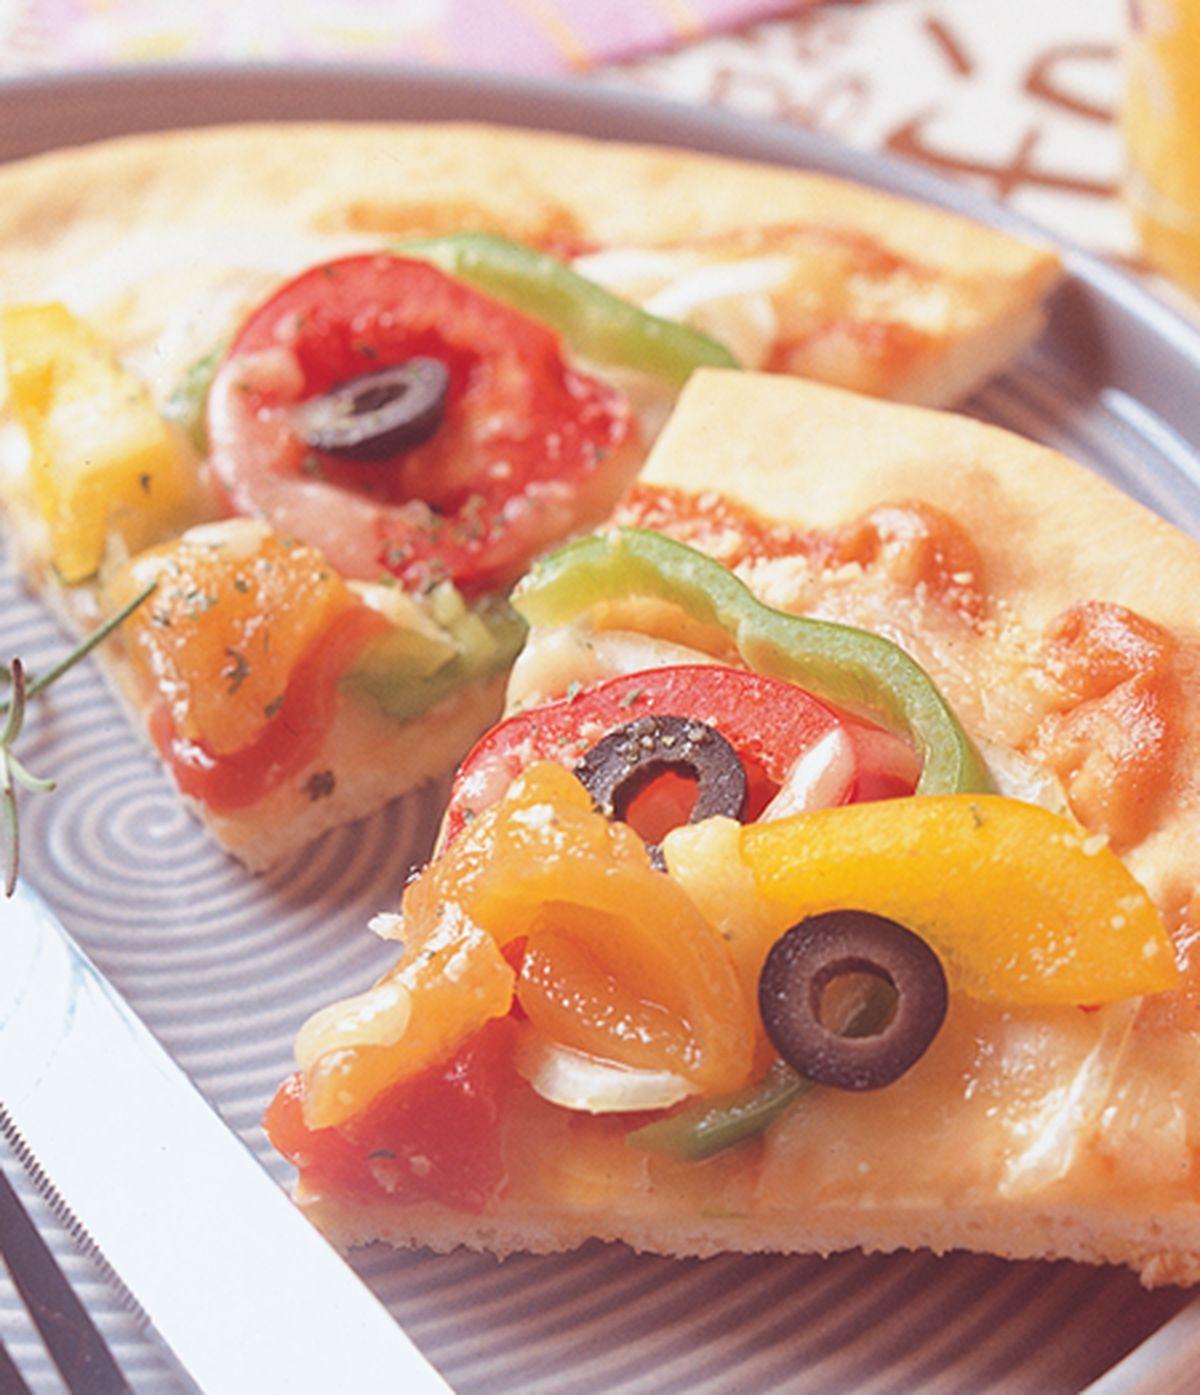 食譜:彩椒時蔬披薩